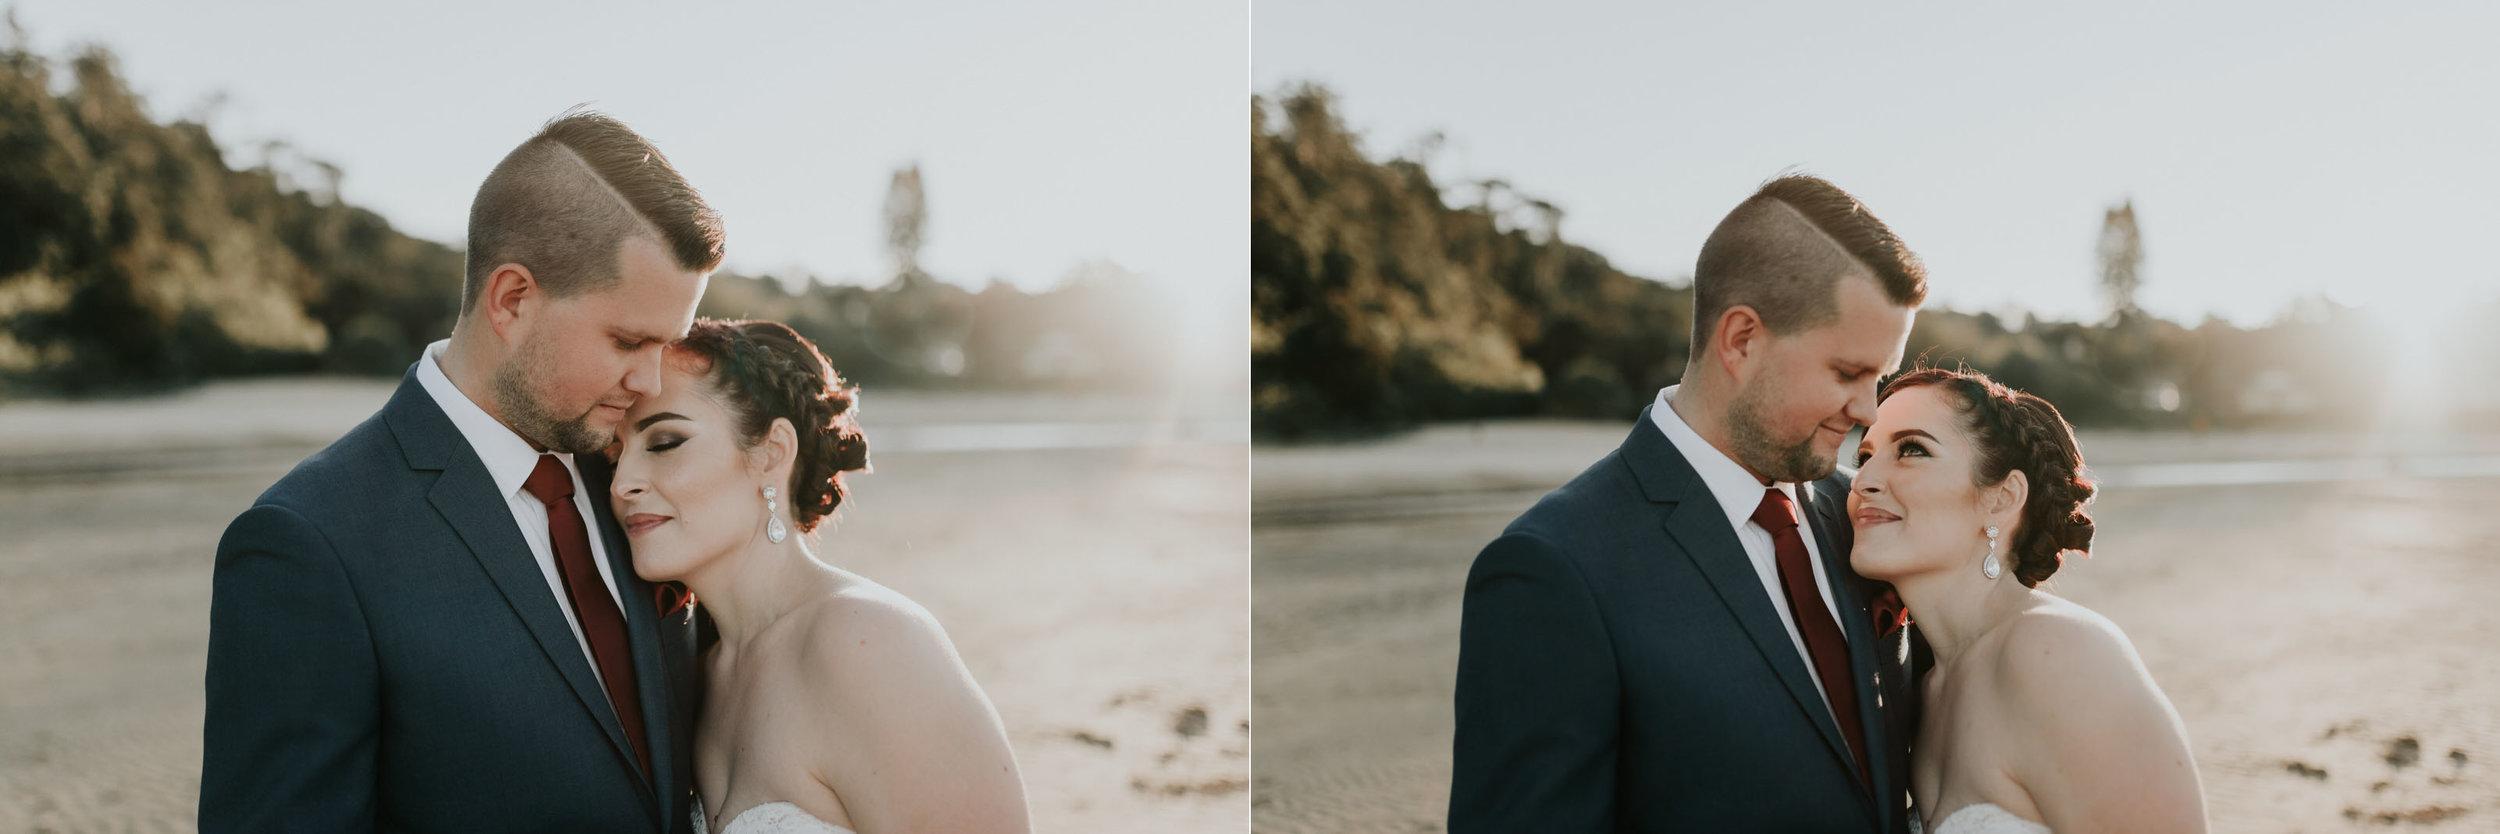 S & E Hunter Valley NSW Wedding Photos-35.5.jpg